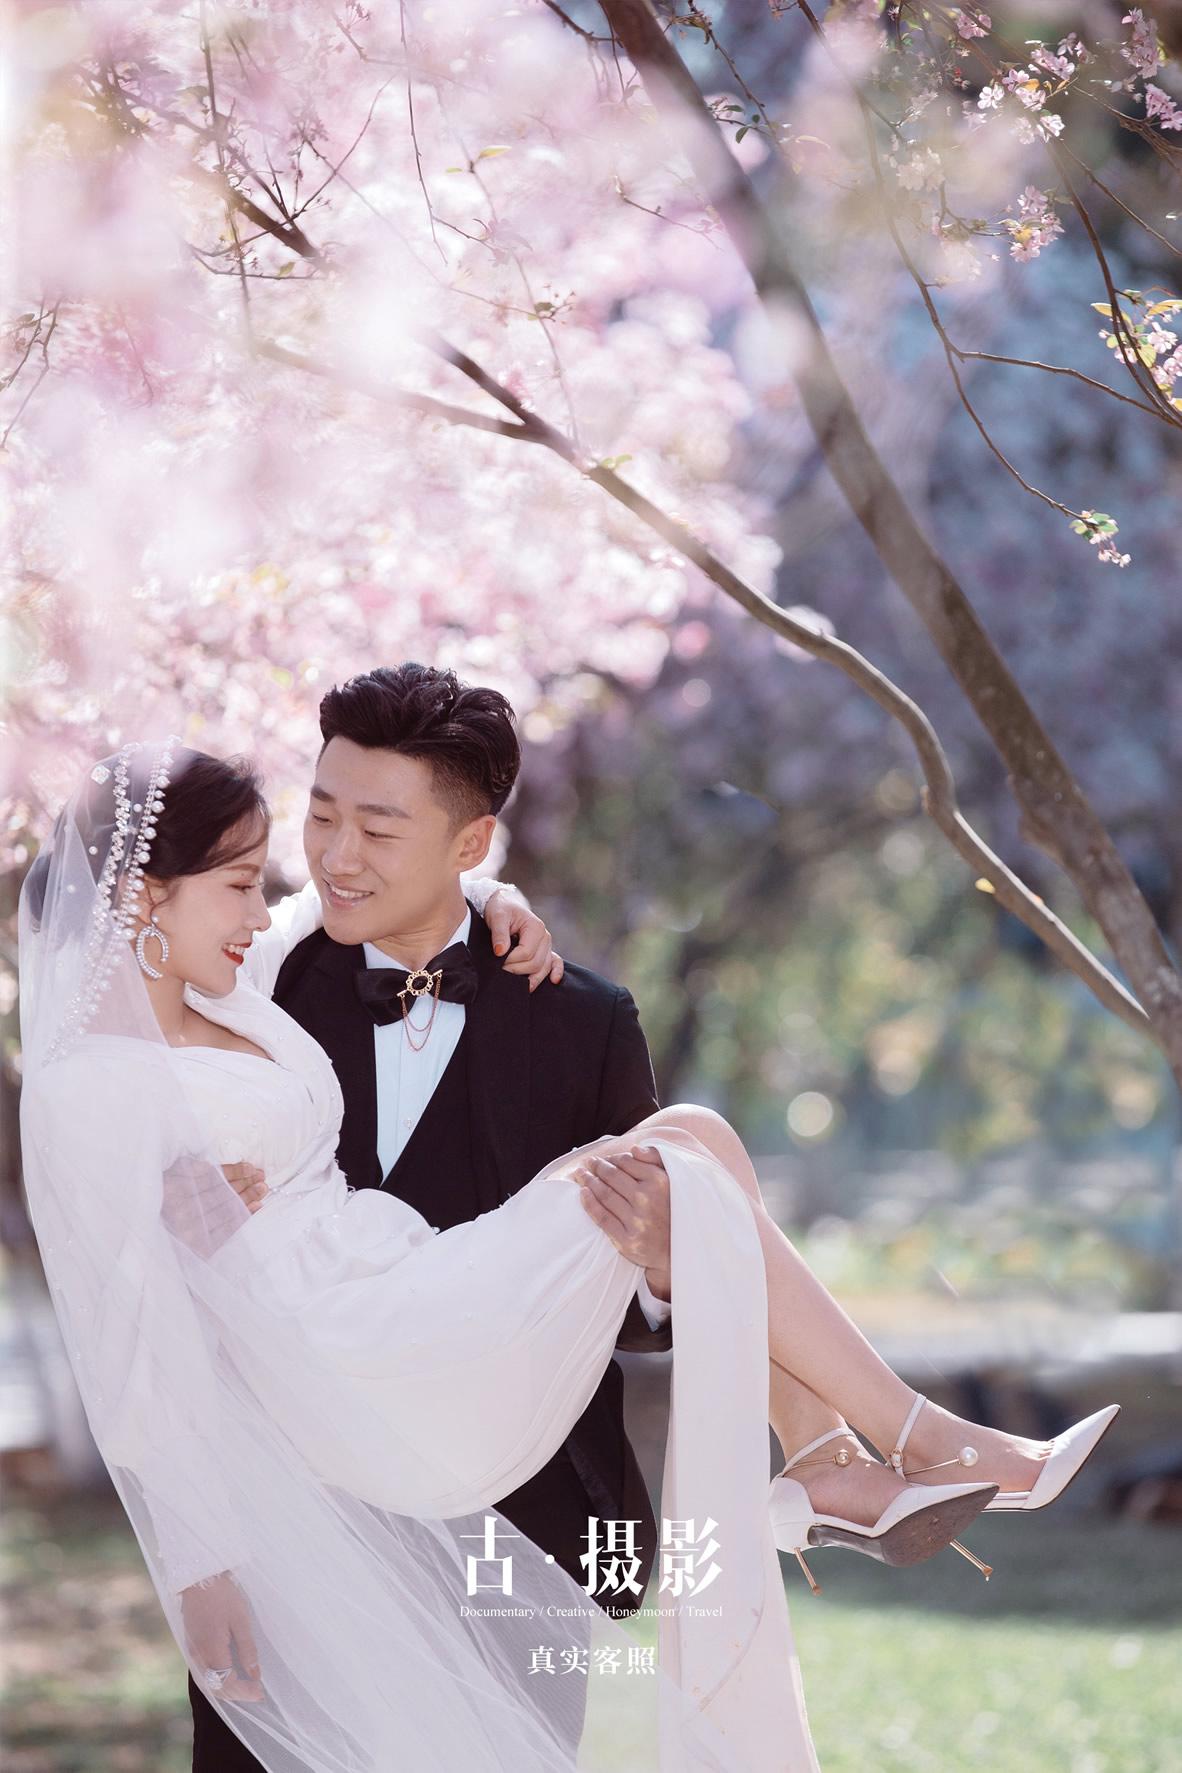 刘先生 苏小姐 - 每日客照 - love昆明古摄影-昆明婚纱摄影网